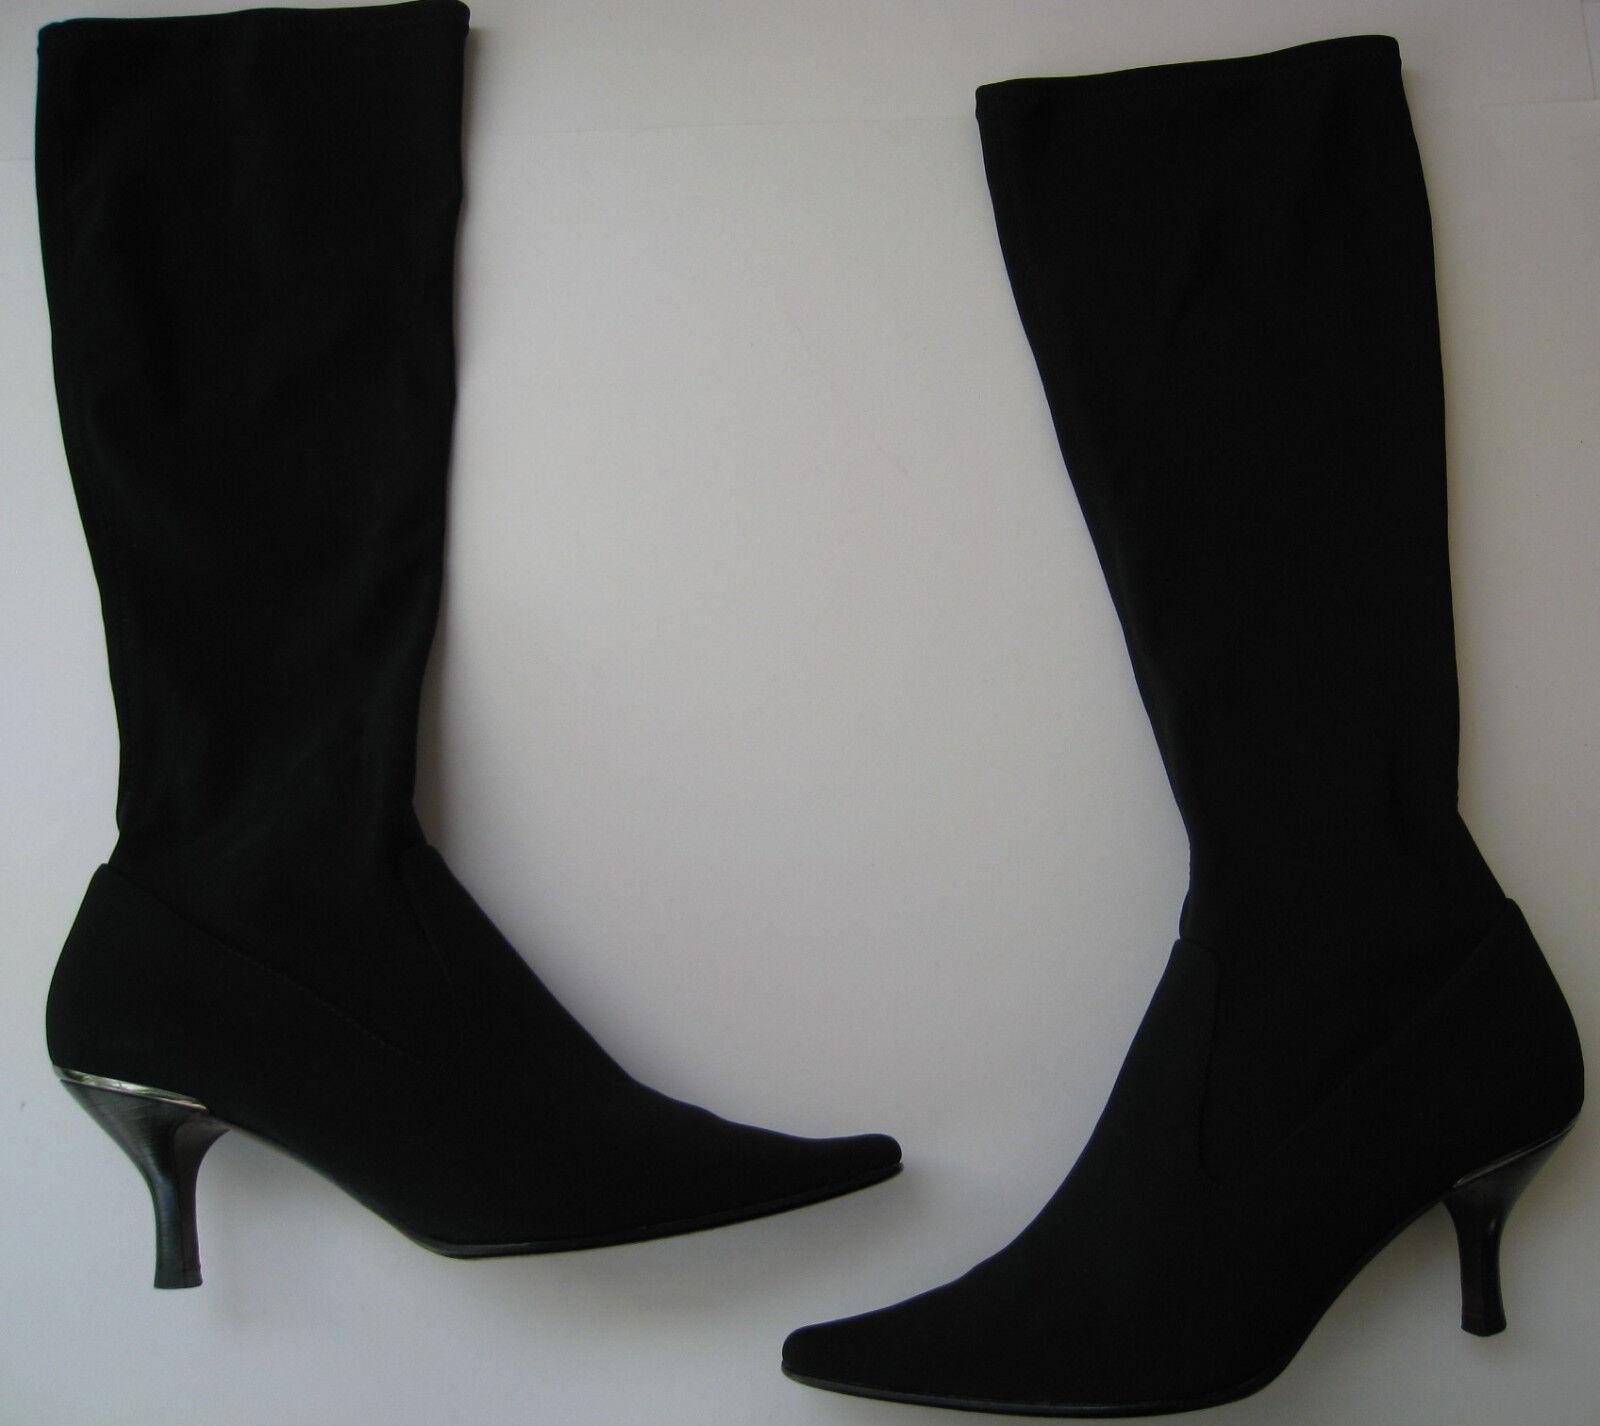 DONALD J.PLINER J.PLINER J.PLINER NIKKO TALL DRESS ELASTIC schwarz Stiefel 3  HEELS  Größe US 11M HOT 97e961